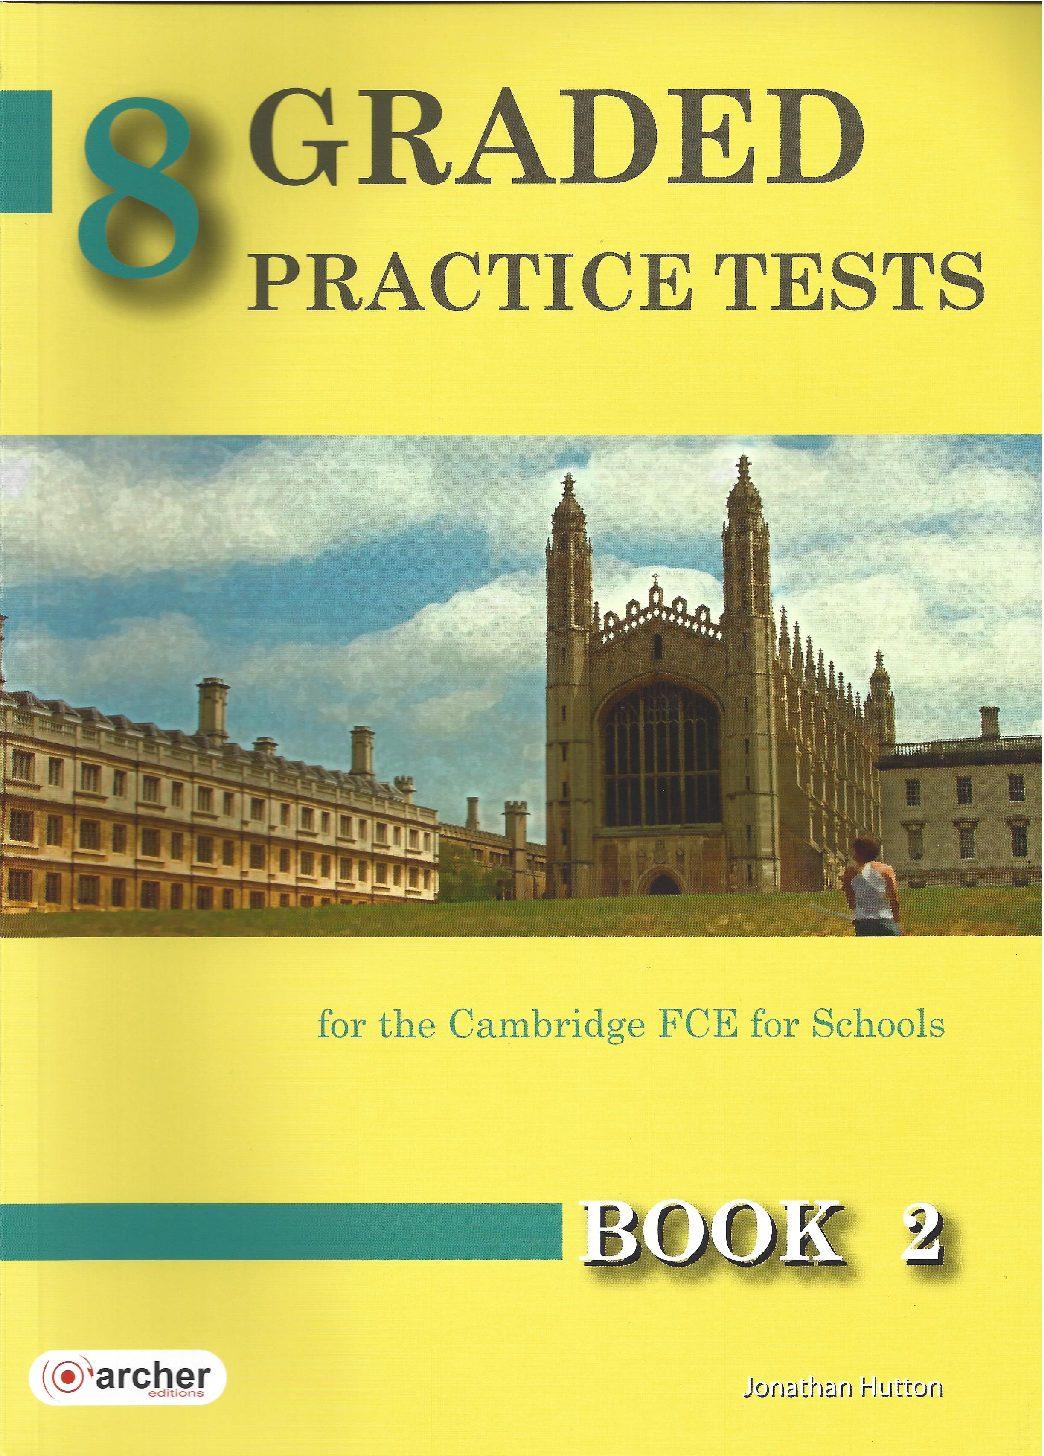 Archer FCE Book2 COVER